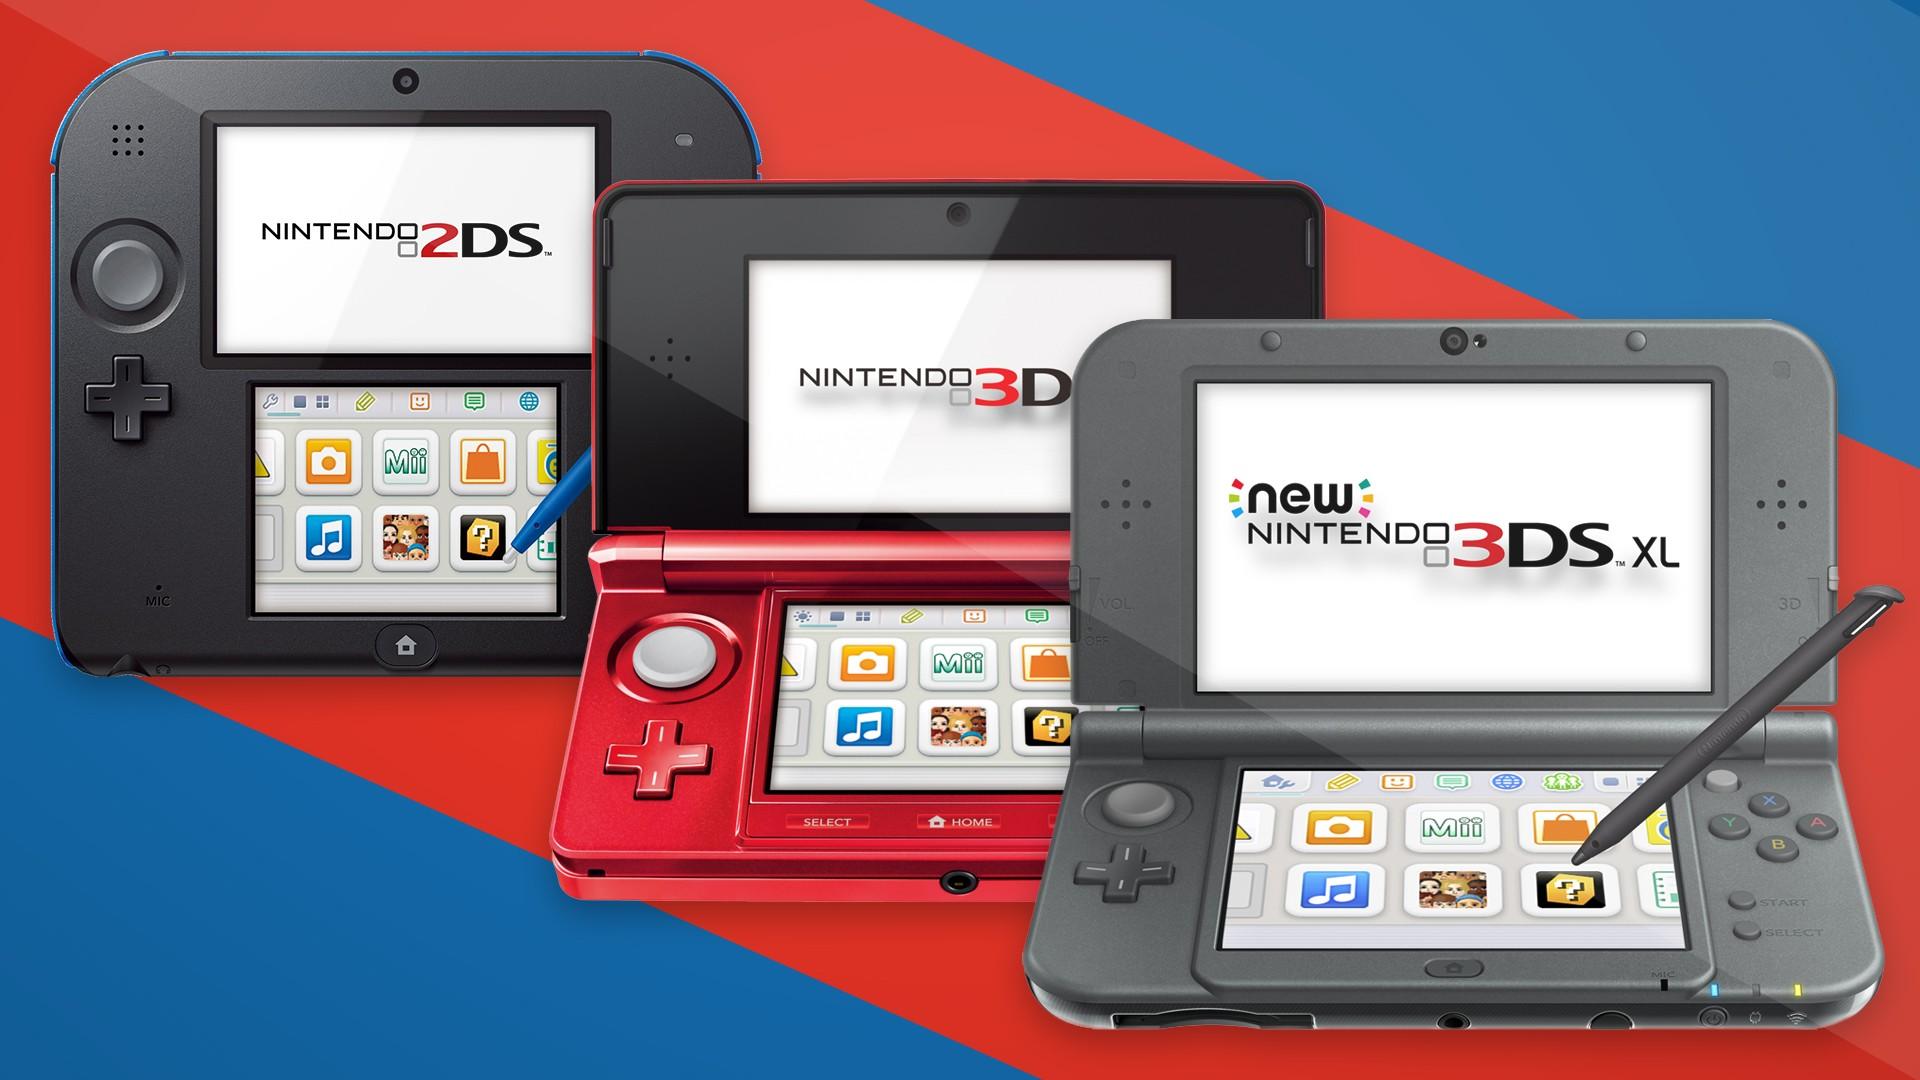 Nintendo 3ds family NintendOn